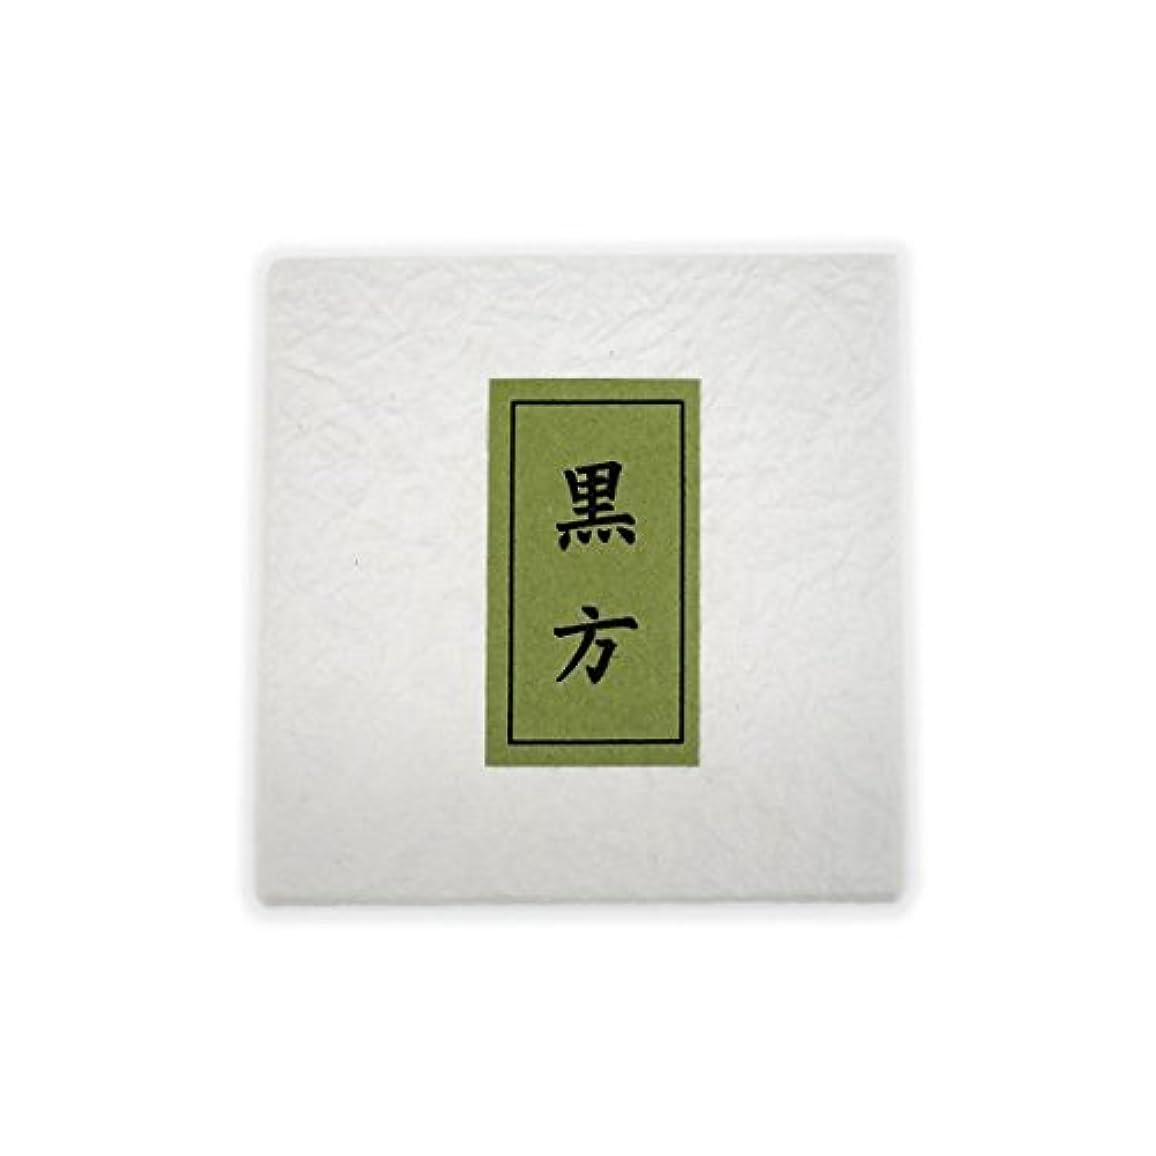 扇動リクルート美容師黒方 紙箱入(壷入)